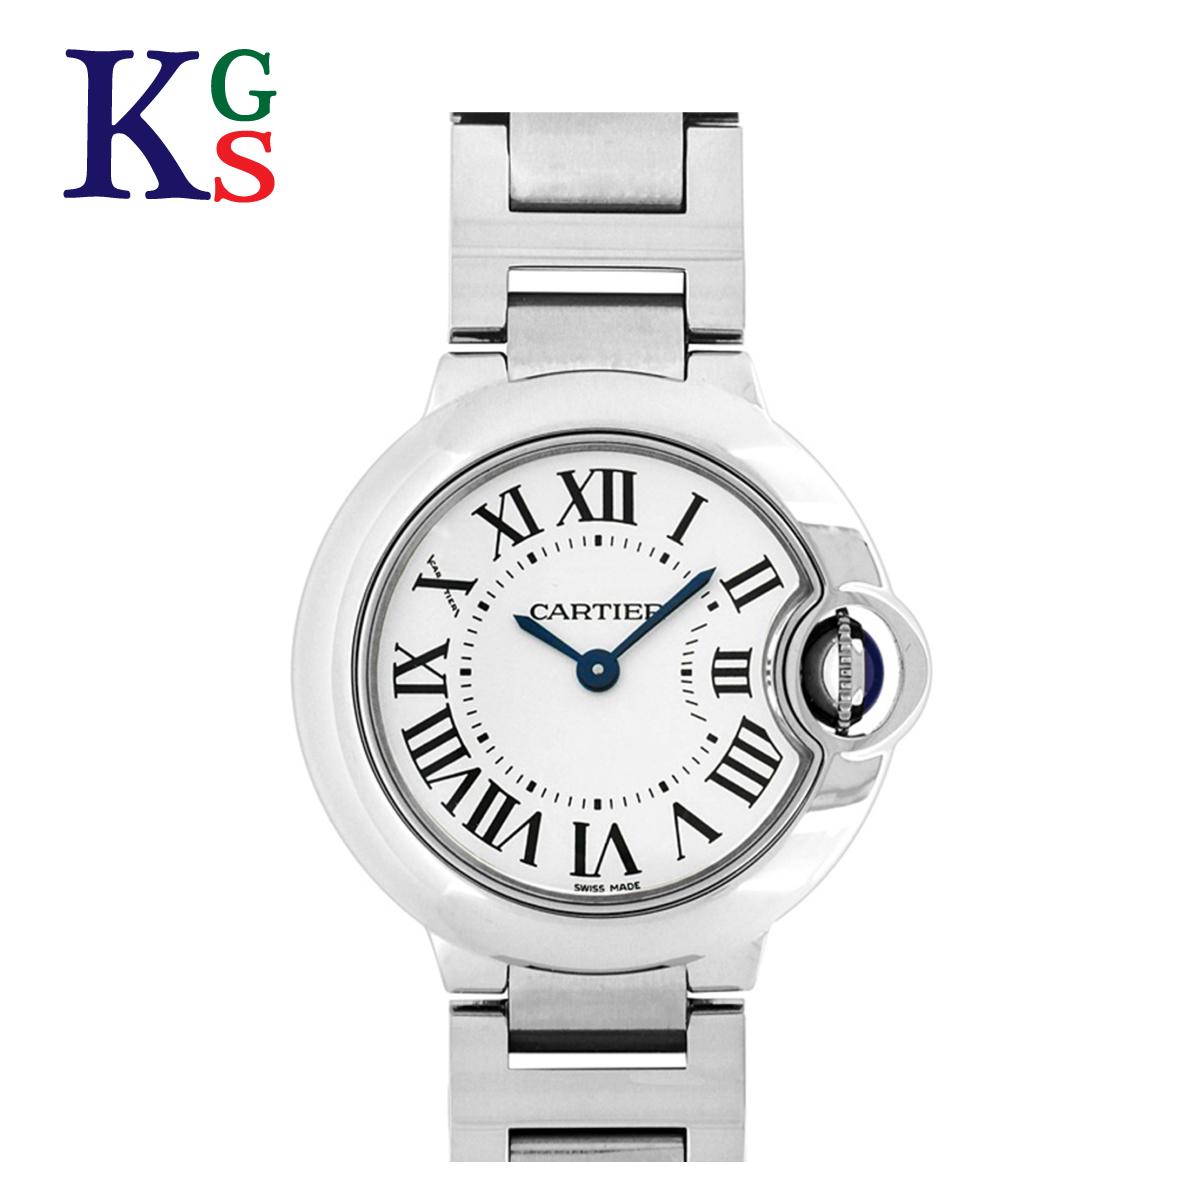 【ギフト品質】カルティエ/Cartier レディース 腕時計 バロンブルーSM ドゥ カルティエ ウォッチ ステンレススチール クオーツ W69010Z4